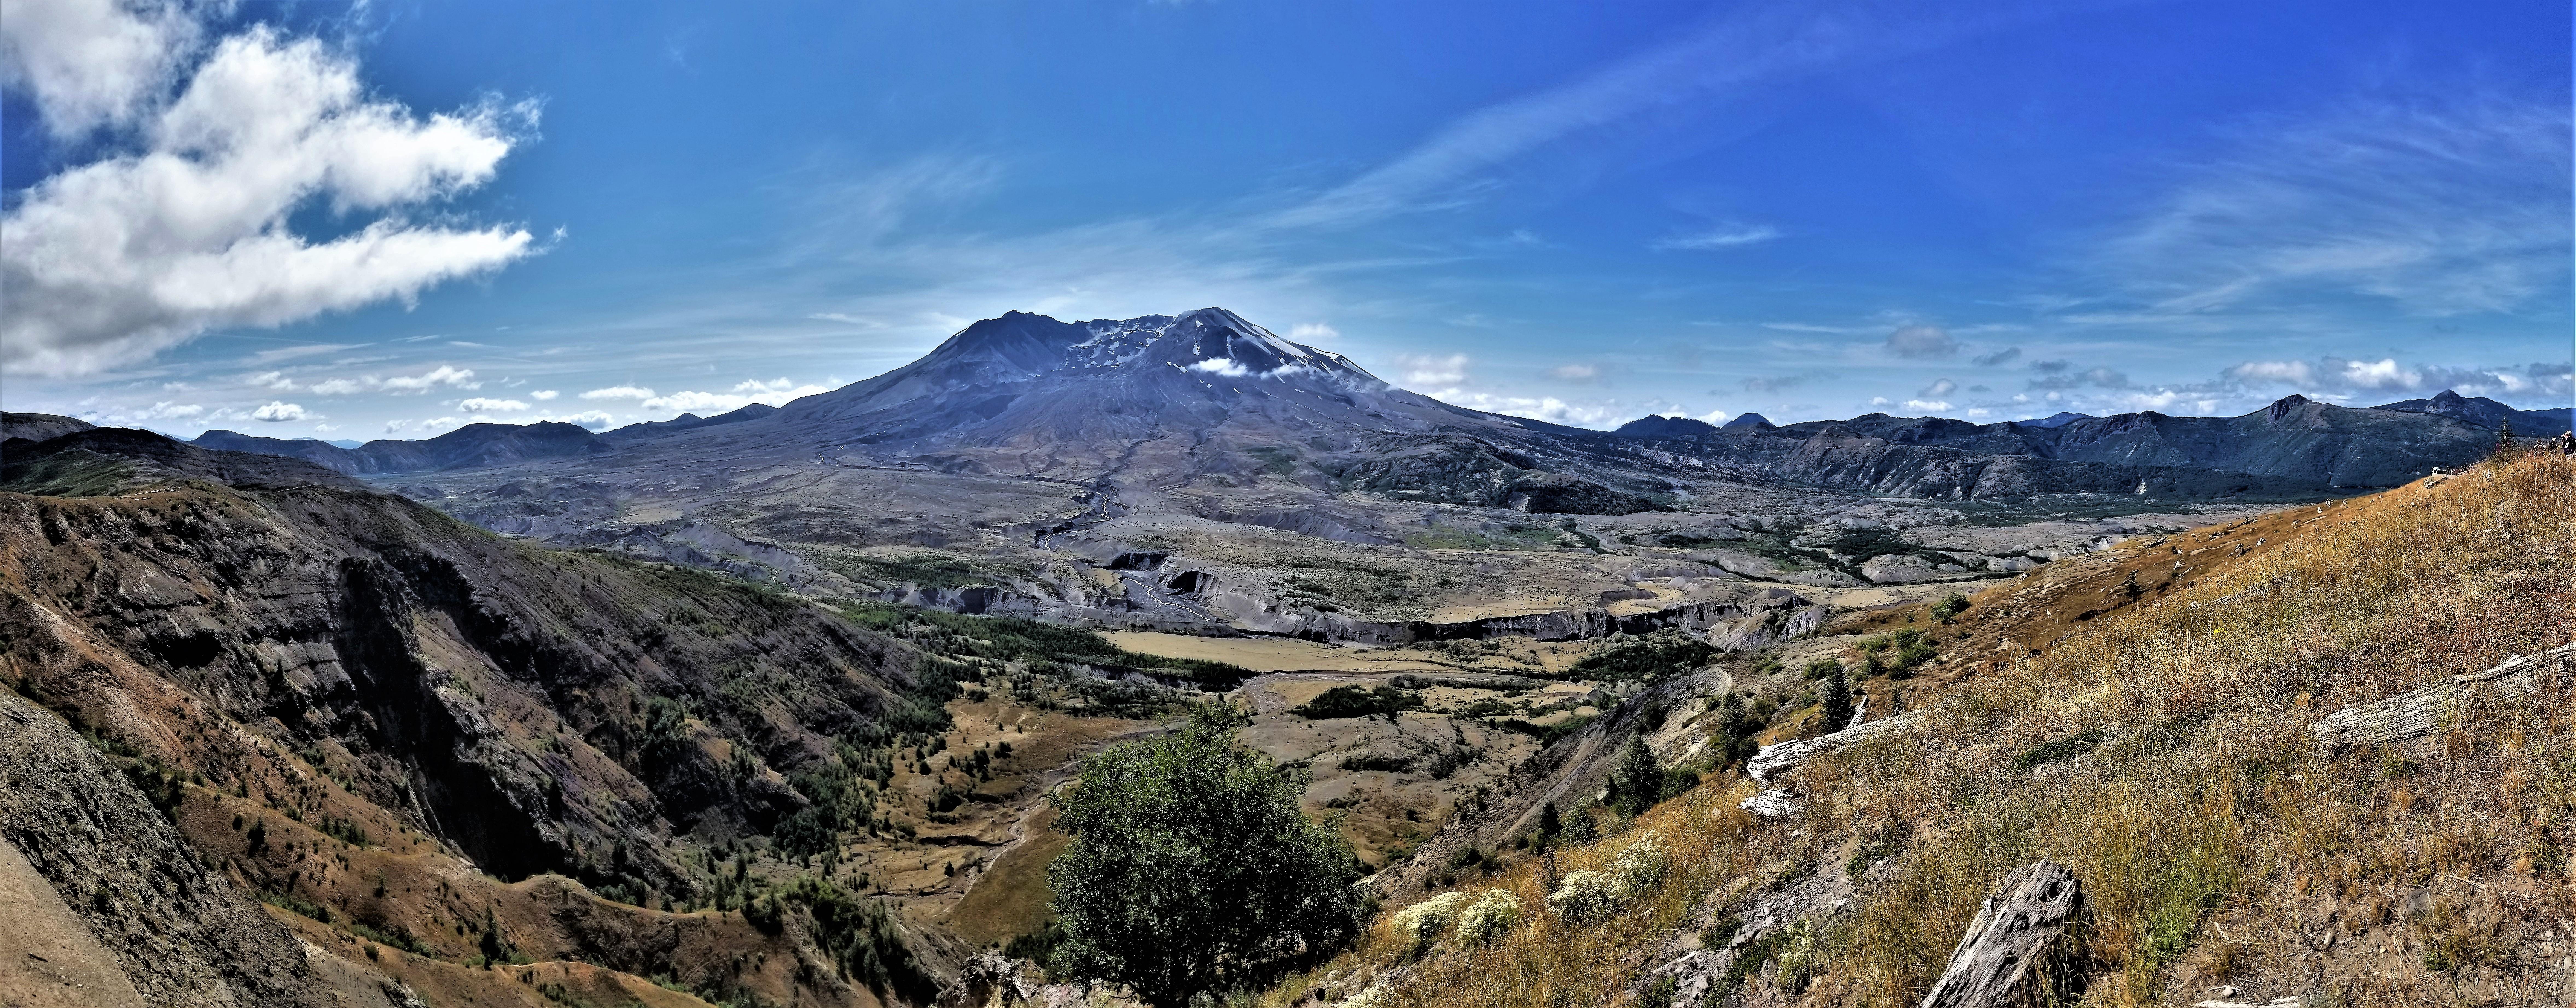 Johnson Ridge, Mt. St. Helens National Monument